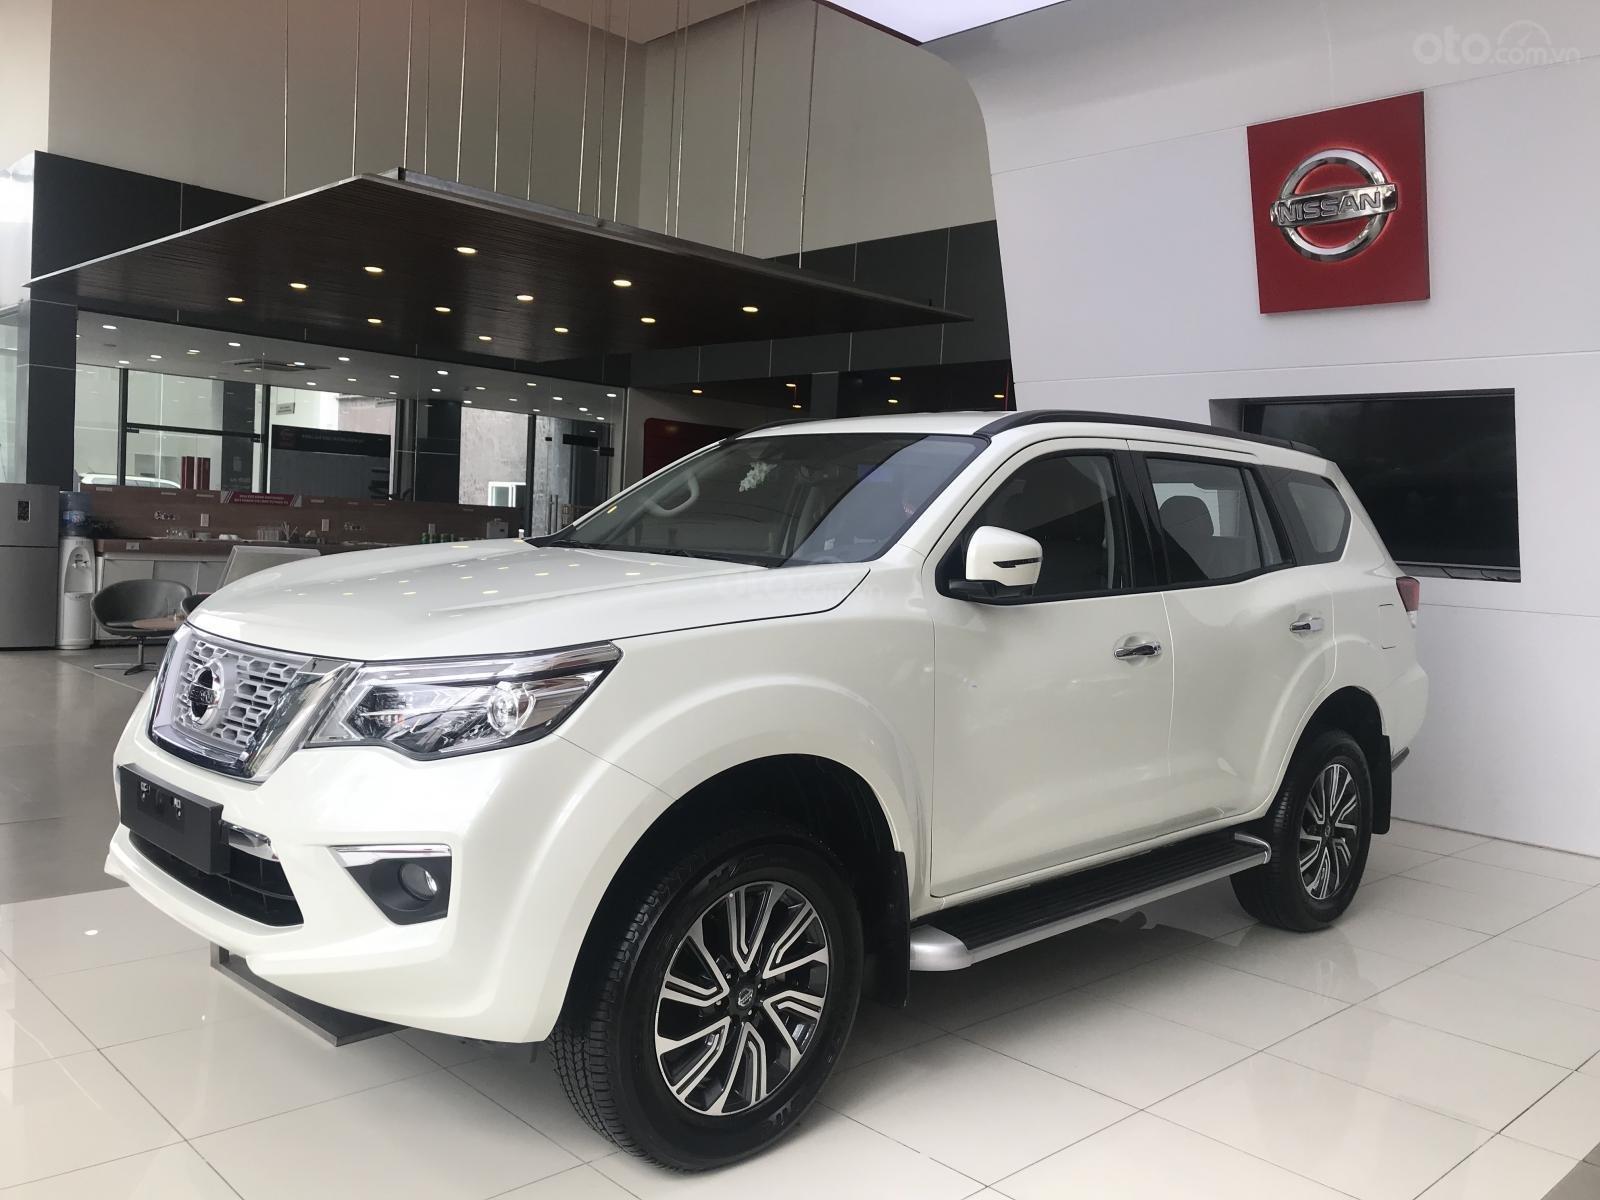 Bán ô tô Nissan X Terra V 4WD năm sản xuất 2019, màu trắng, xe nhập (1)